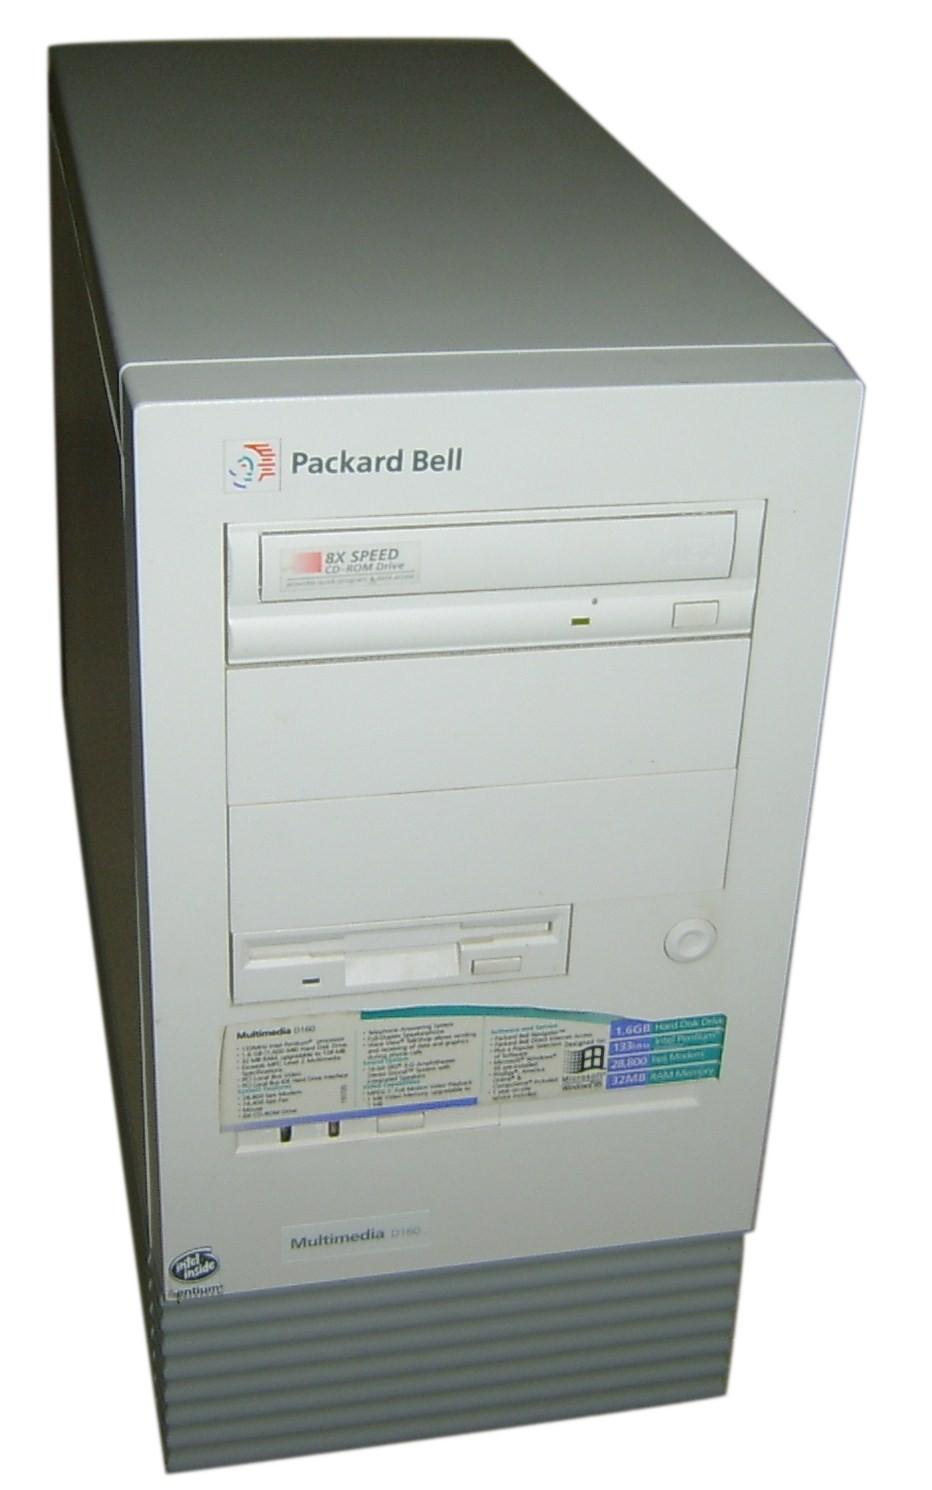 File:Packard Bell Multimedia D160.jpg - Wikimedia Commons